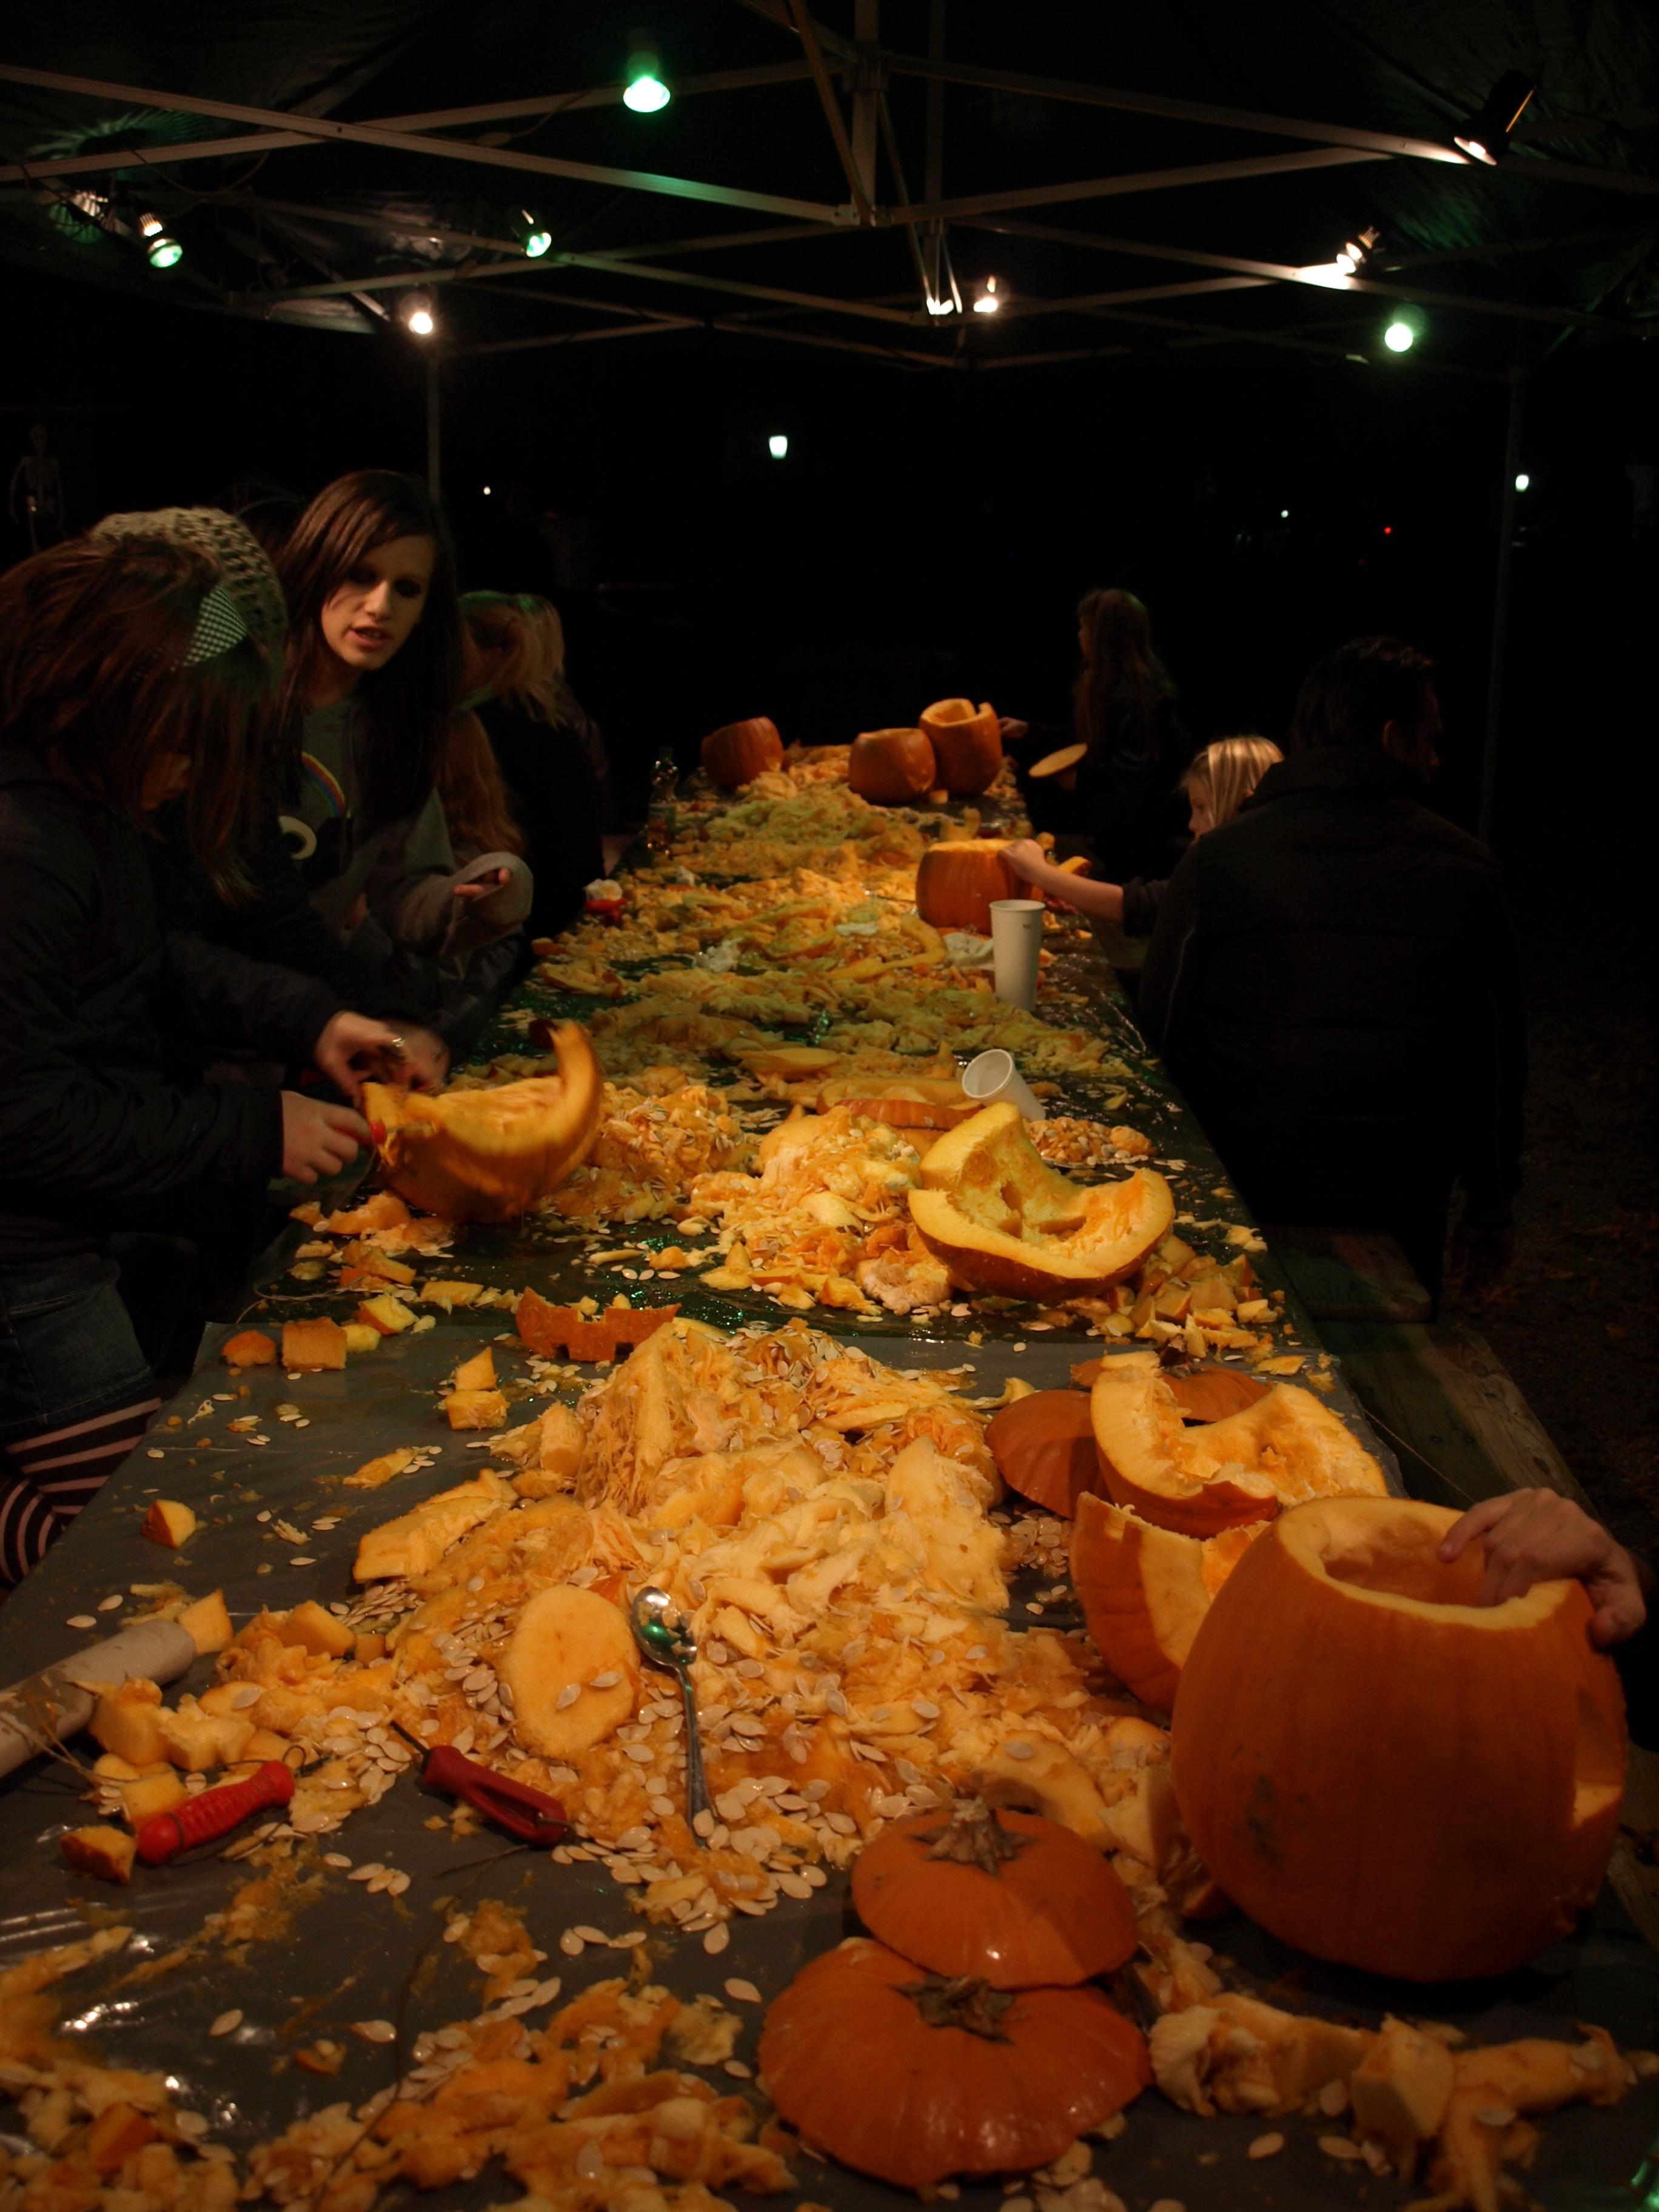 HalloweenII (5476k image)